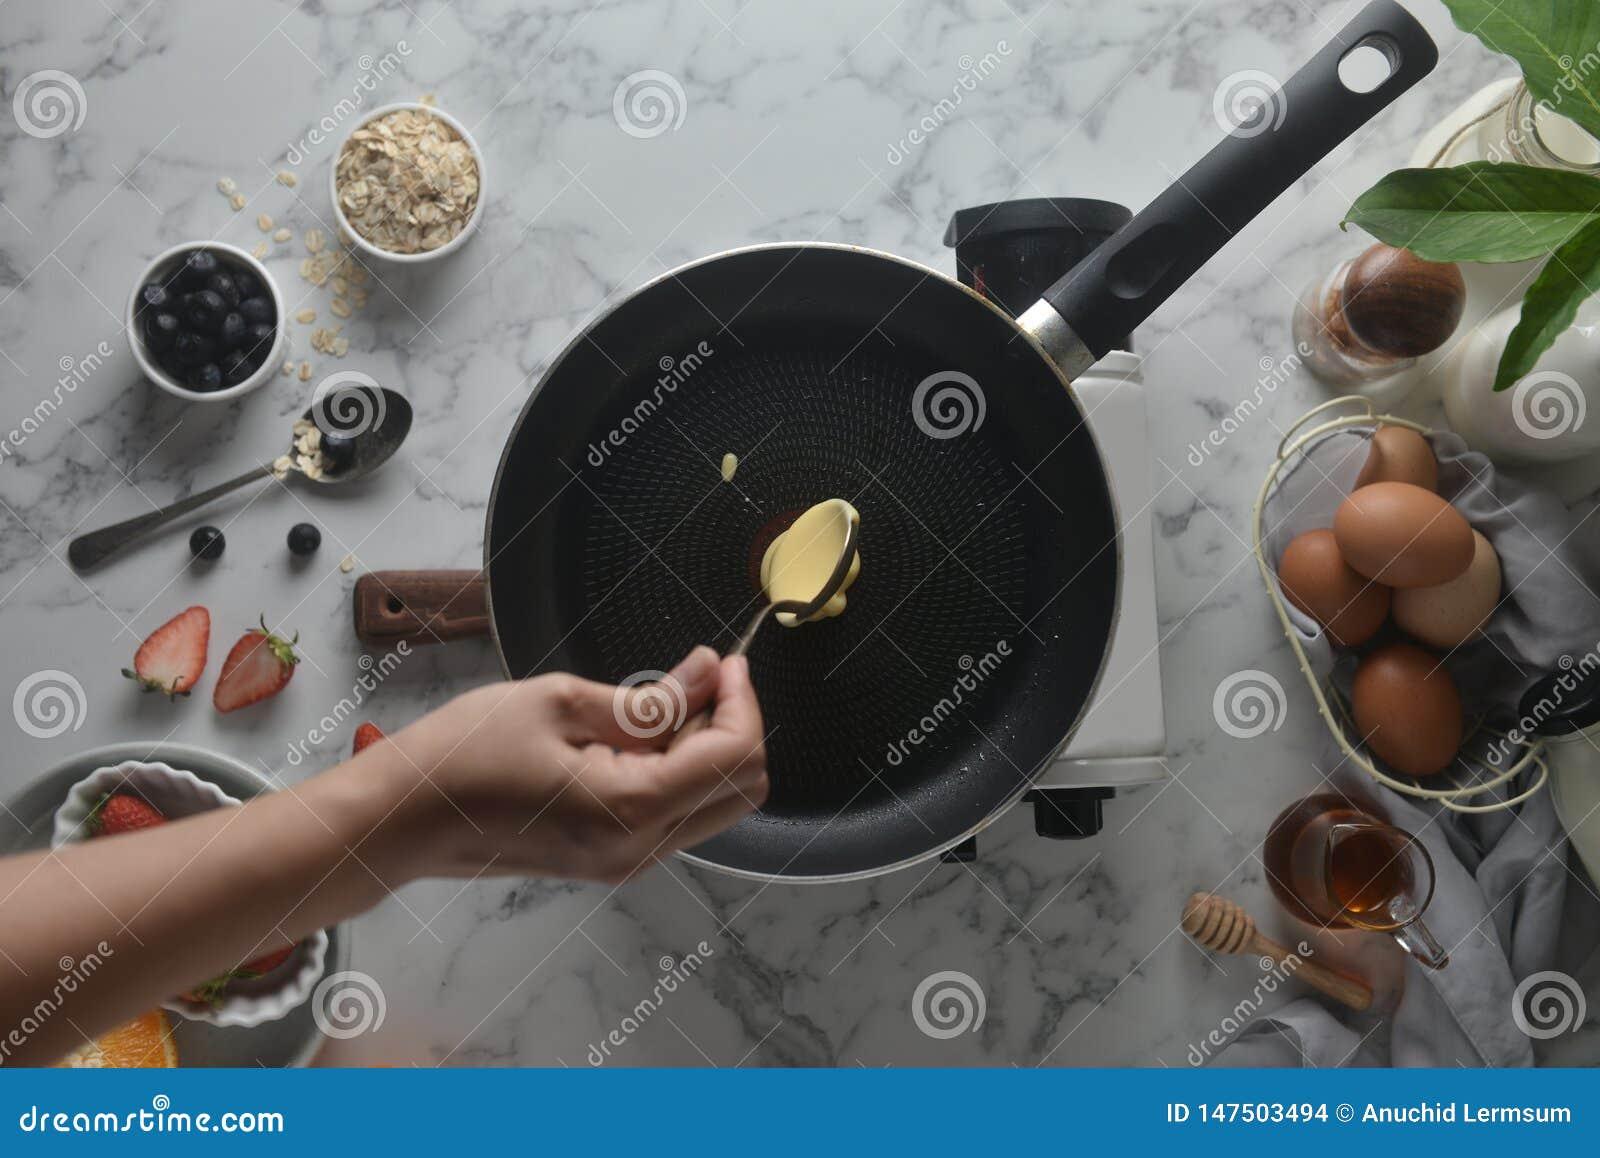 做薄煎饼,蛋糕,面包师的手烘烤的顶视图倾吐或挖出在平底锅上的面团 烹调成份的概念和